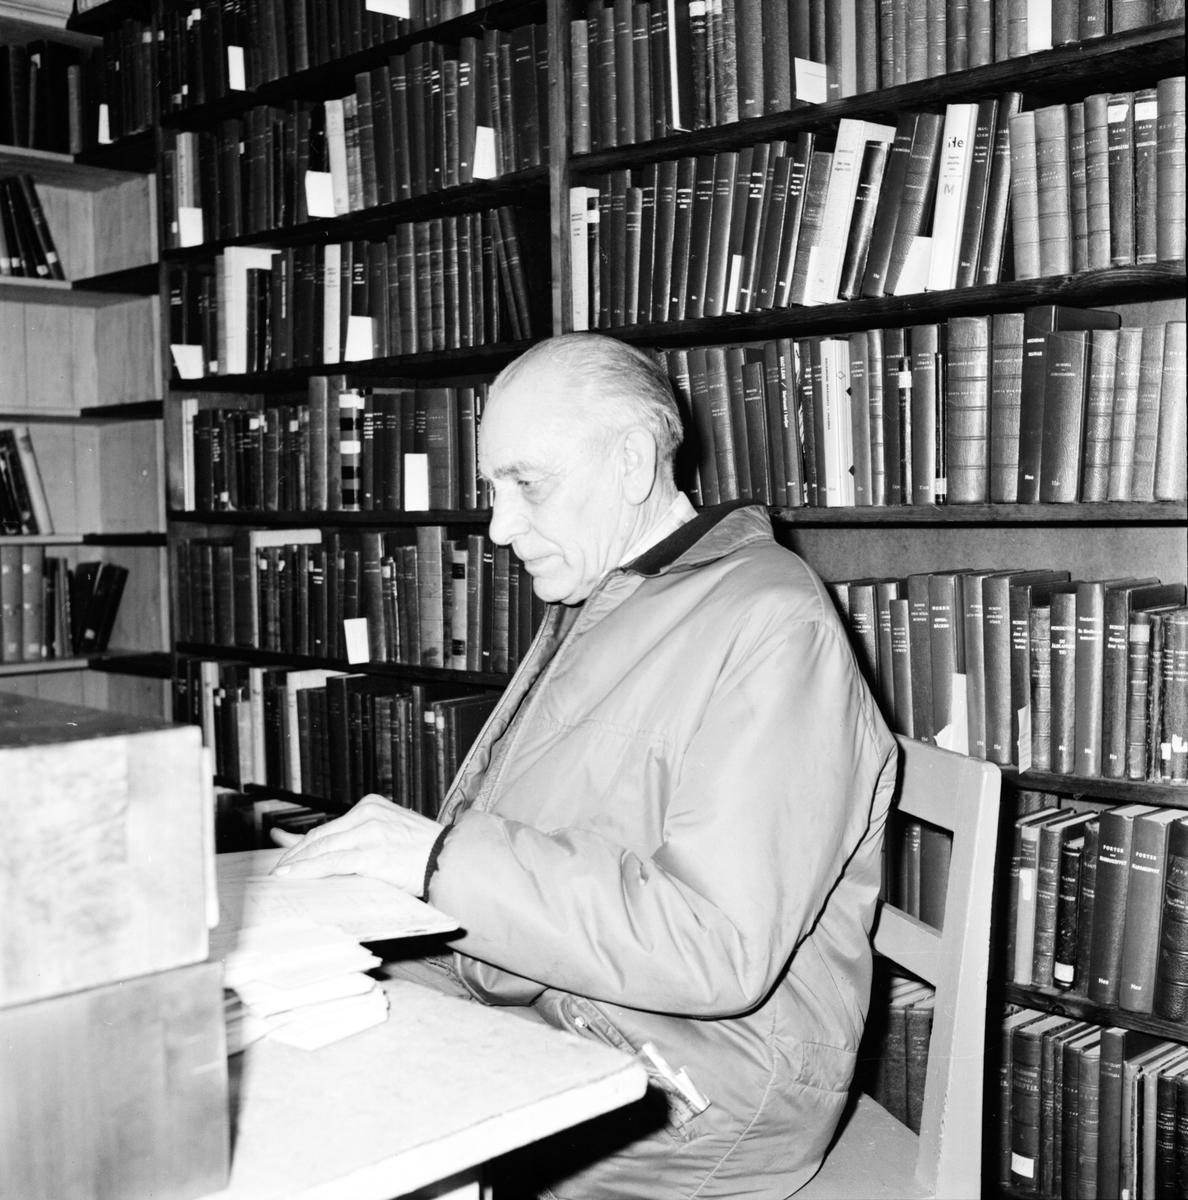 Undersvik, Kyrkan och kantor Edlund, Juli 1971